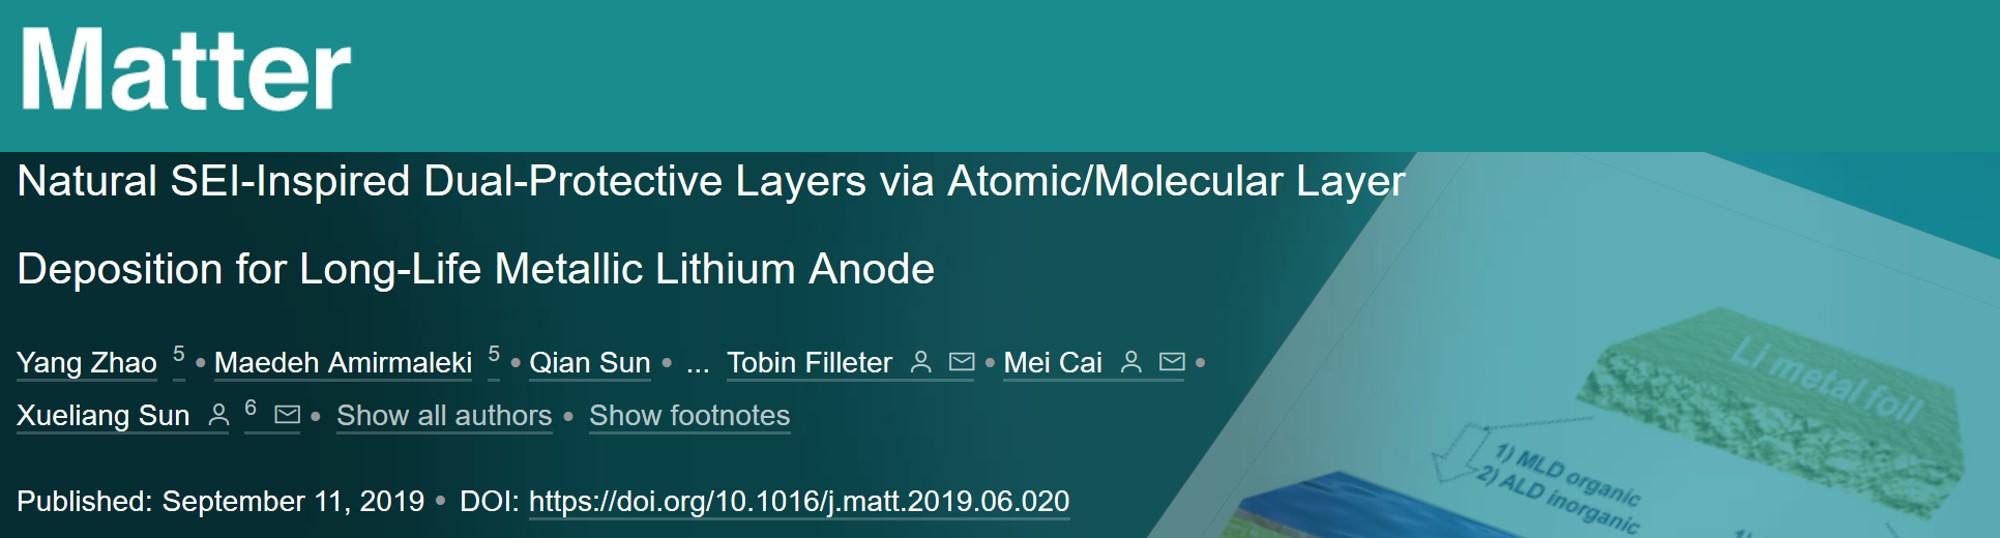 孙学良团队Matter:向天然SEI借智慧——原子层/分子层沉积制备锂金属负极保护膜